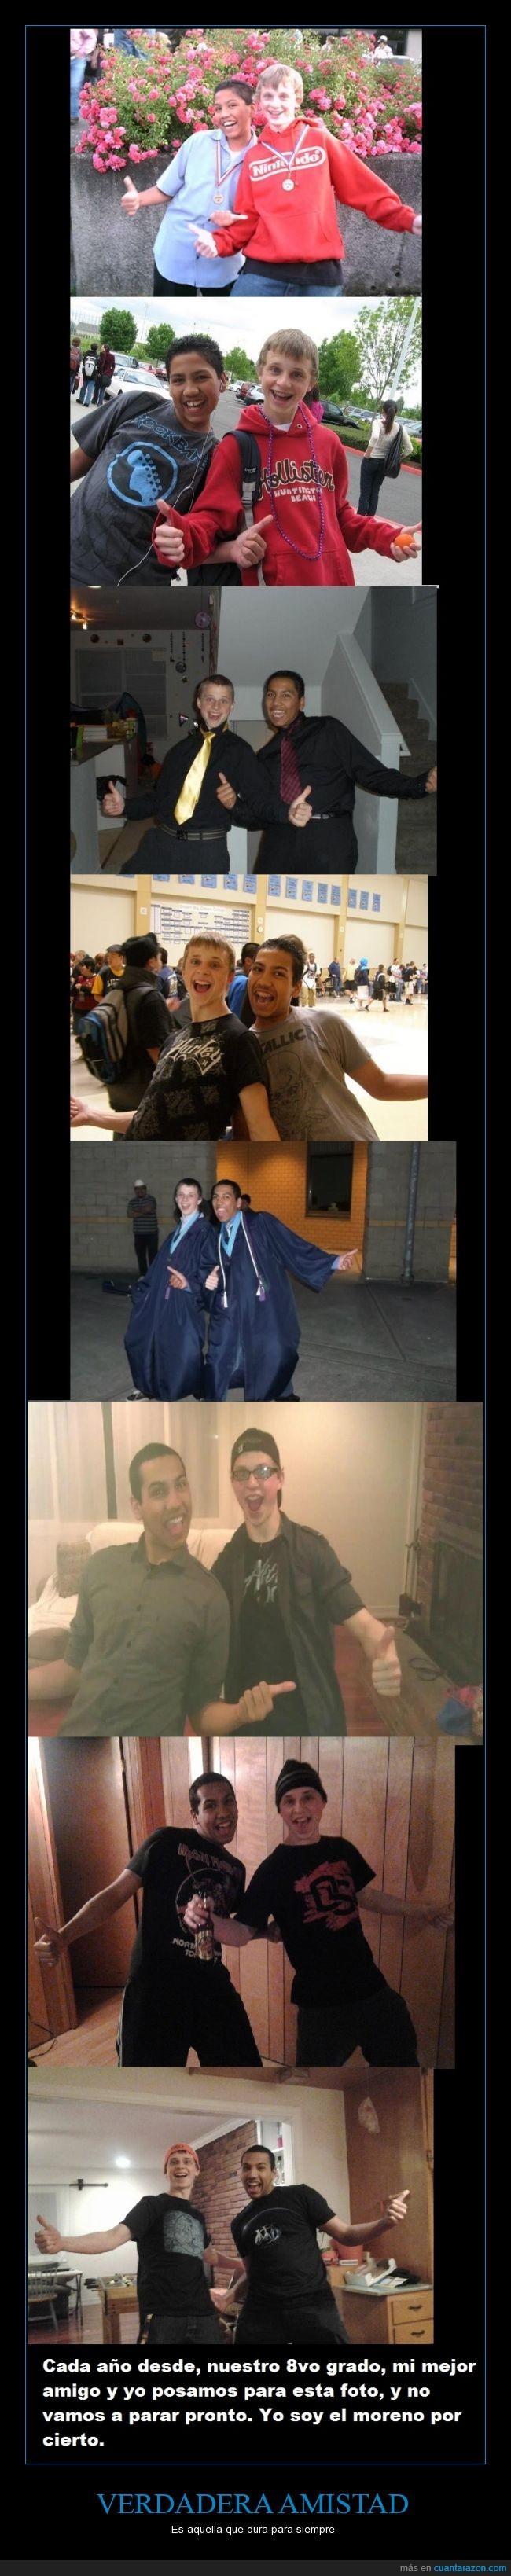 amigos,amistad,años,desinteresado,foto,igual,misma,pose